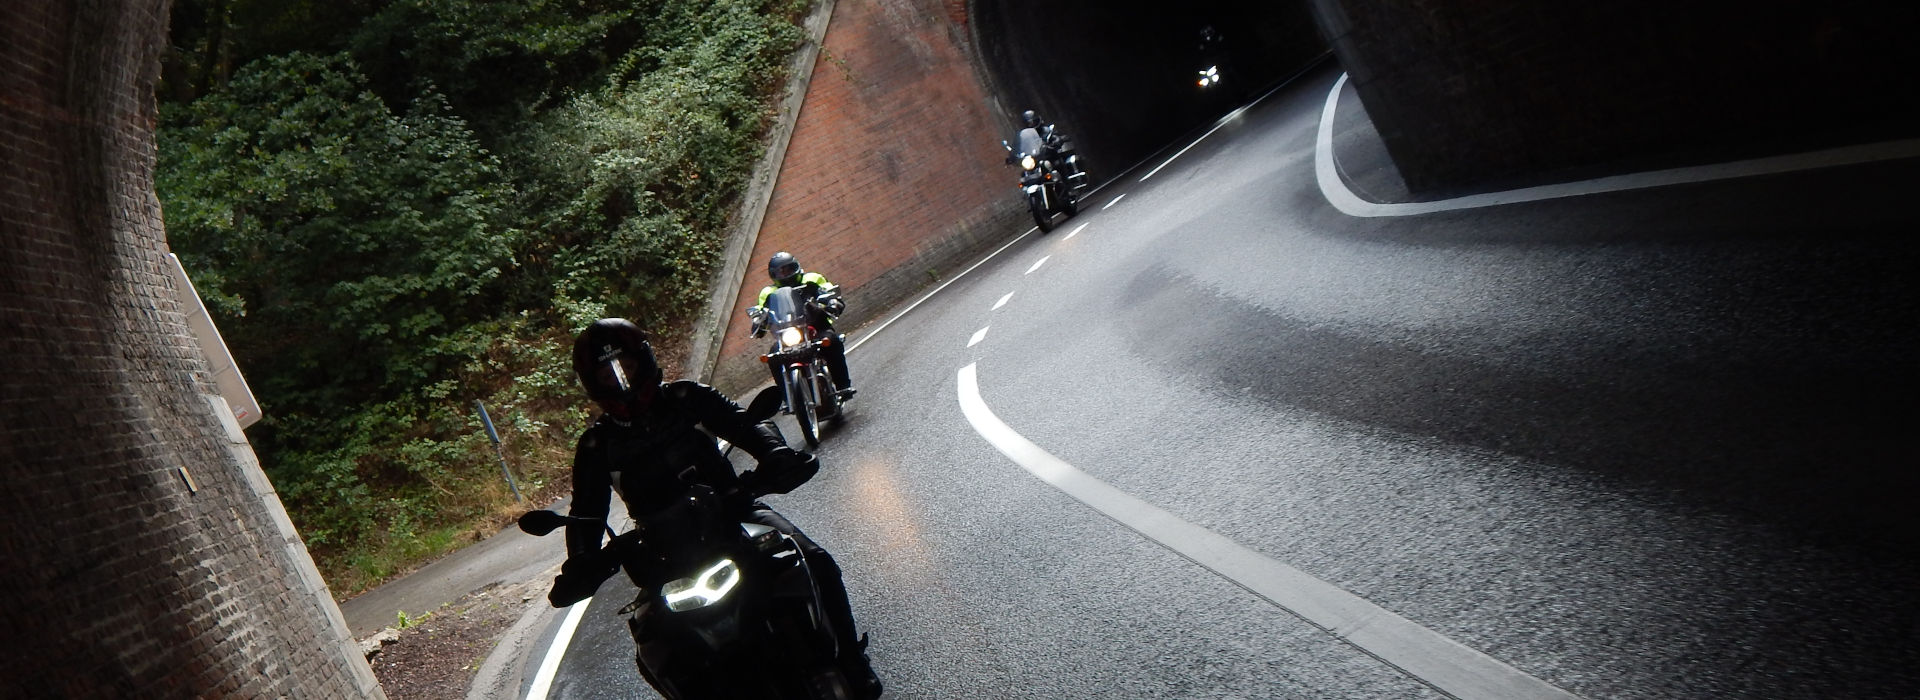 Motorrijbewijspoint Etten Leur snel motorrijbewijs halen